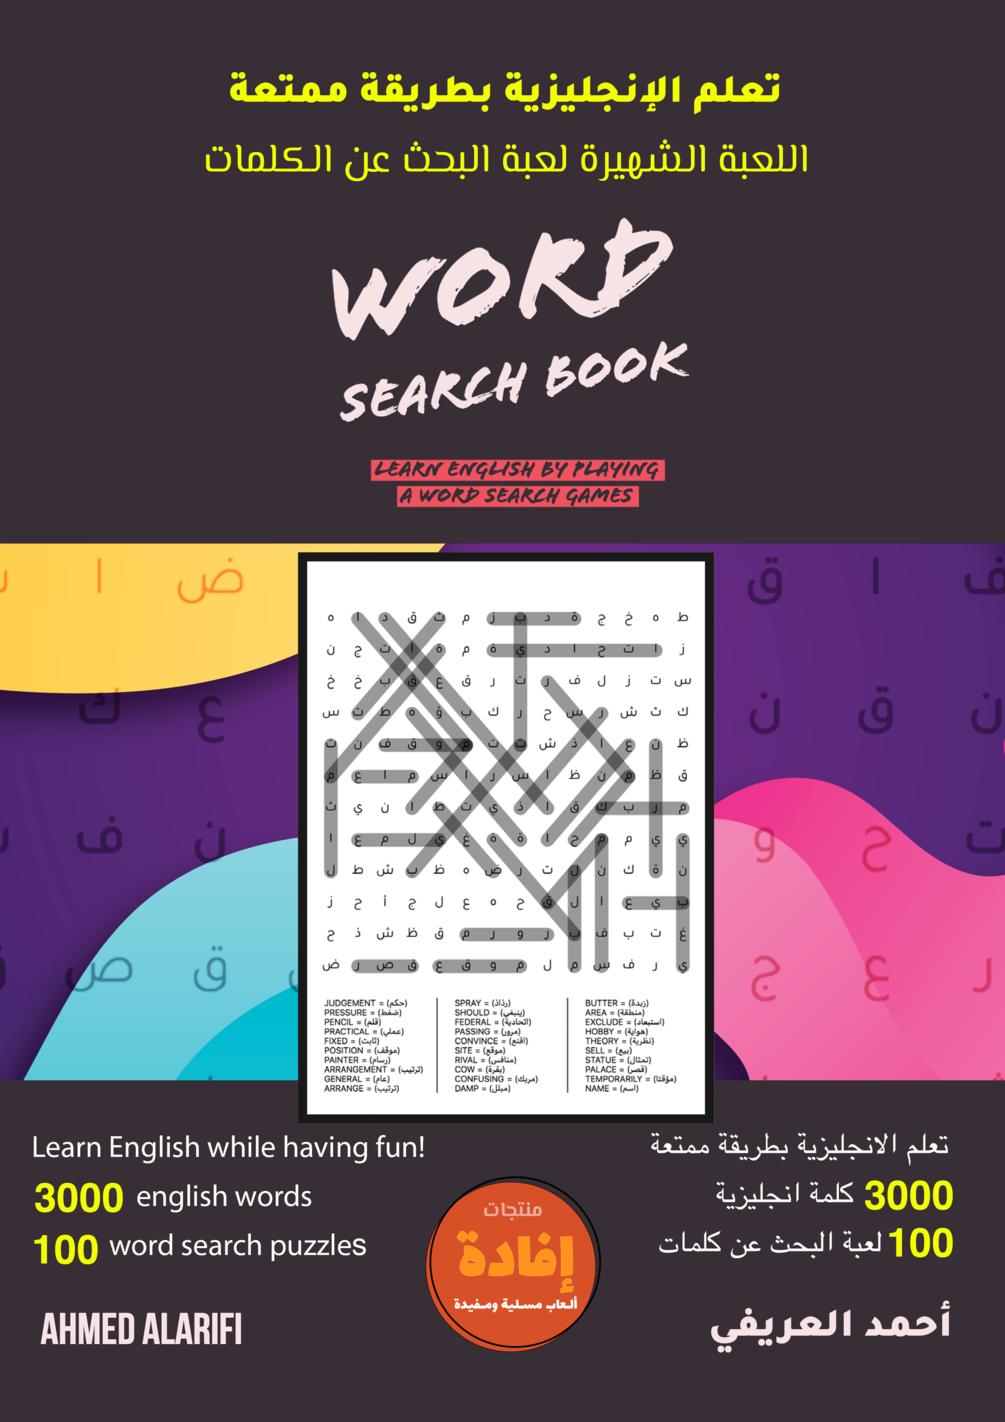 كتاب تعلم الإنجليزية بطريقة ممتعة عن طريق لعبة البحث عن الكلمات English Words Word Search Puzzles E Learning